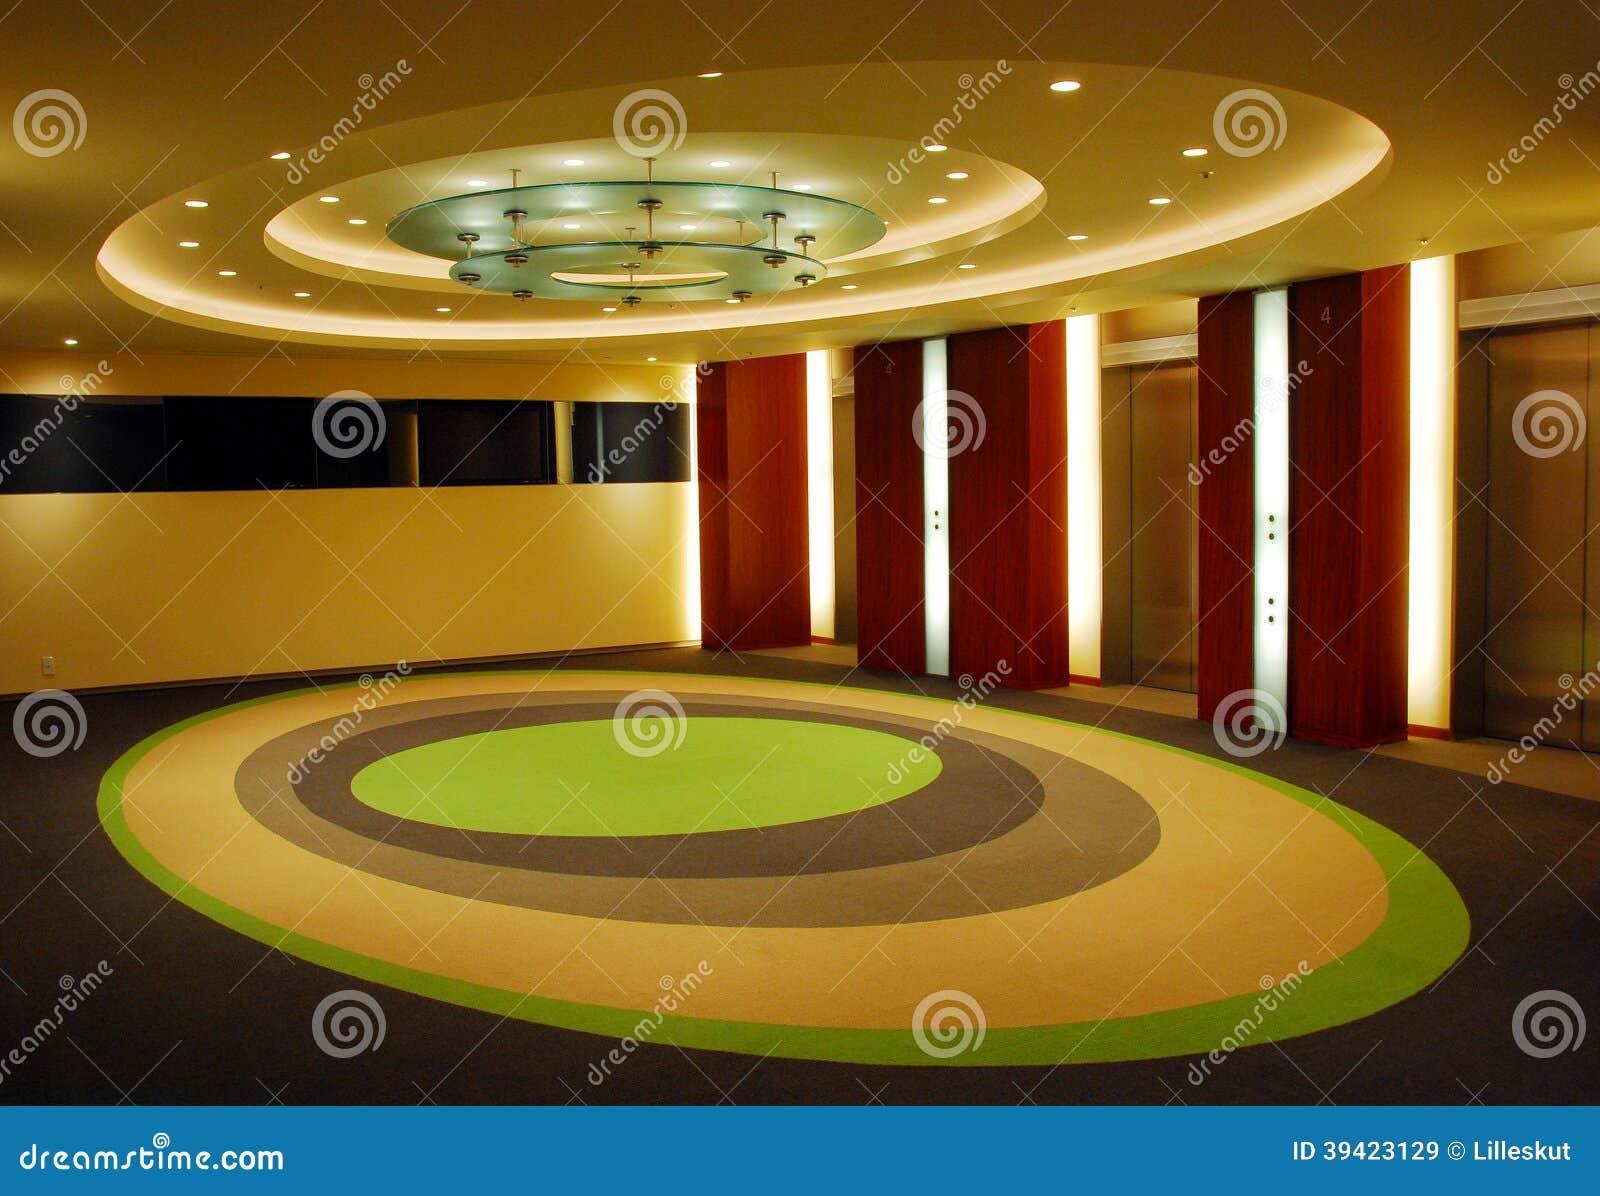 Moderner Korridor Mit Eiförmigem Design Der Decke Und Des Bodens ...